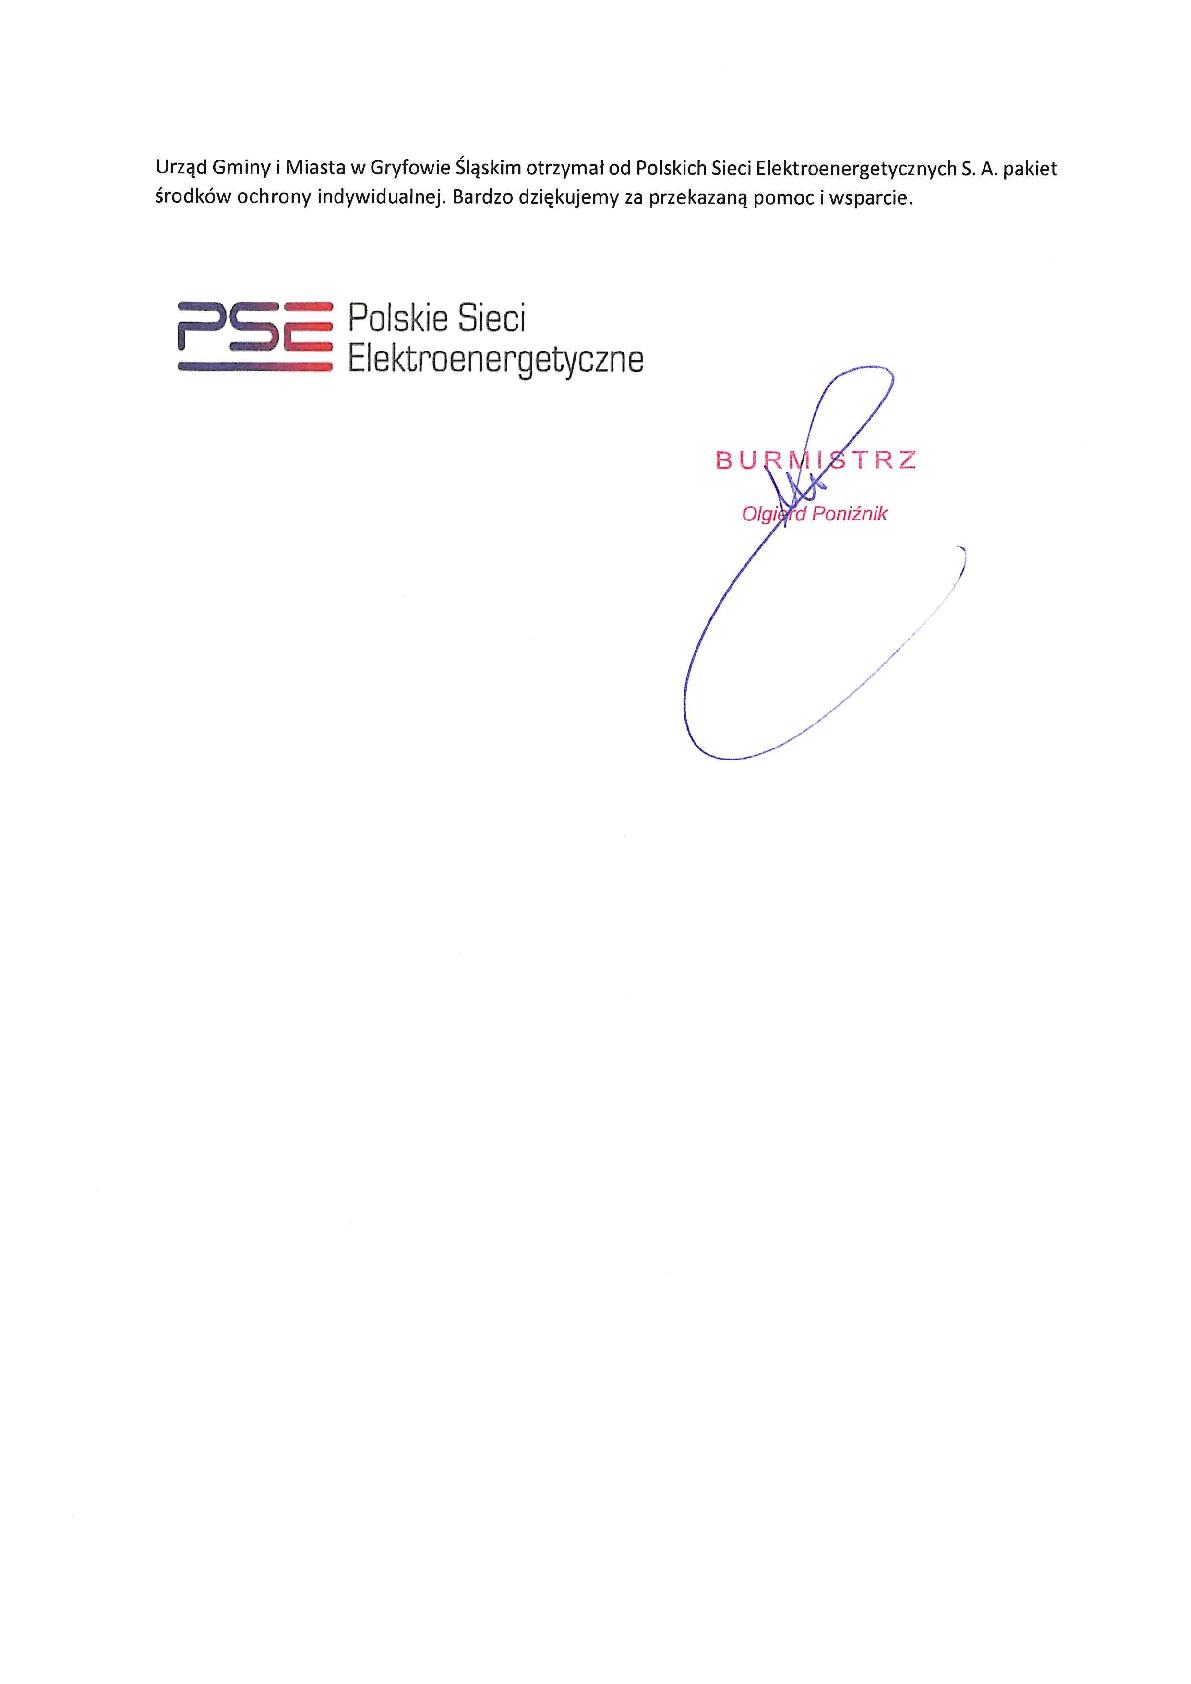 Podziękowanie dla Polskich Sieci Elektroenergetycznych S. A.